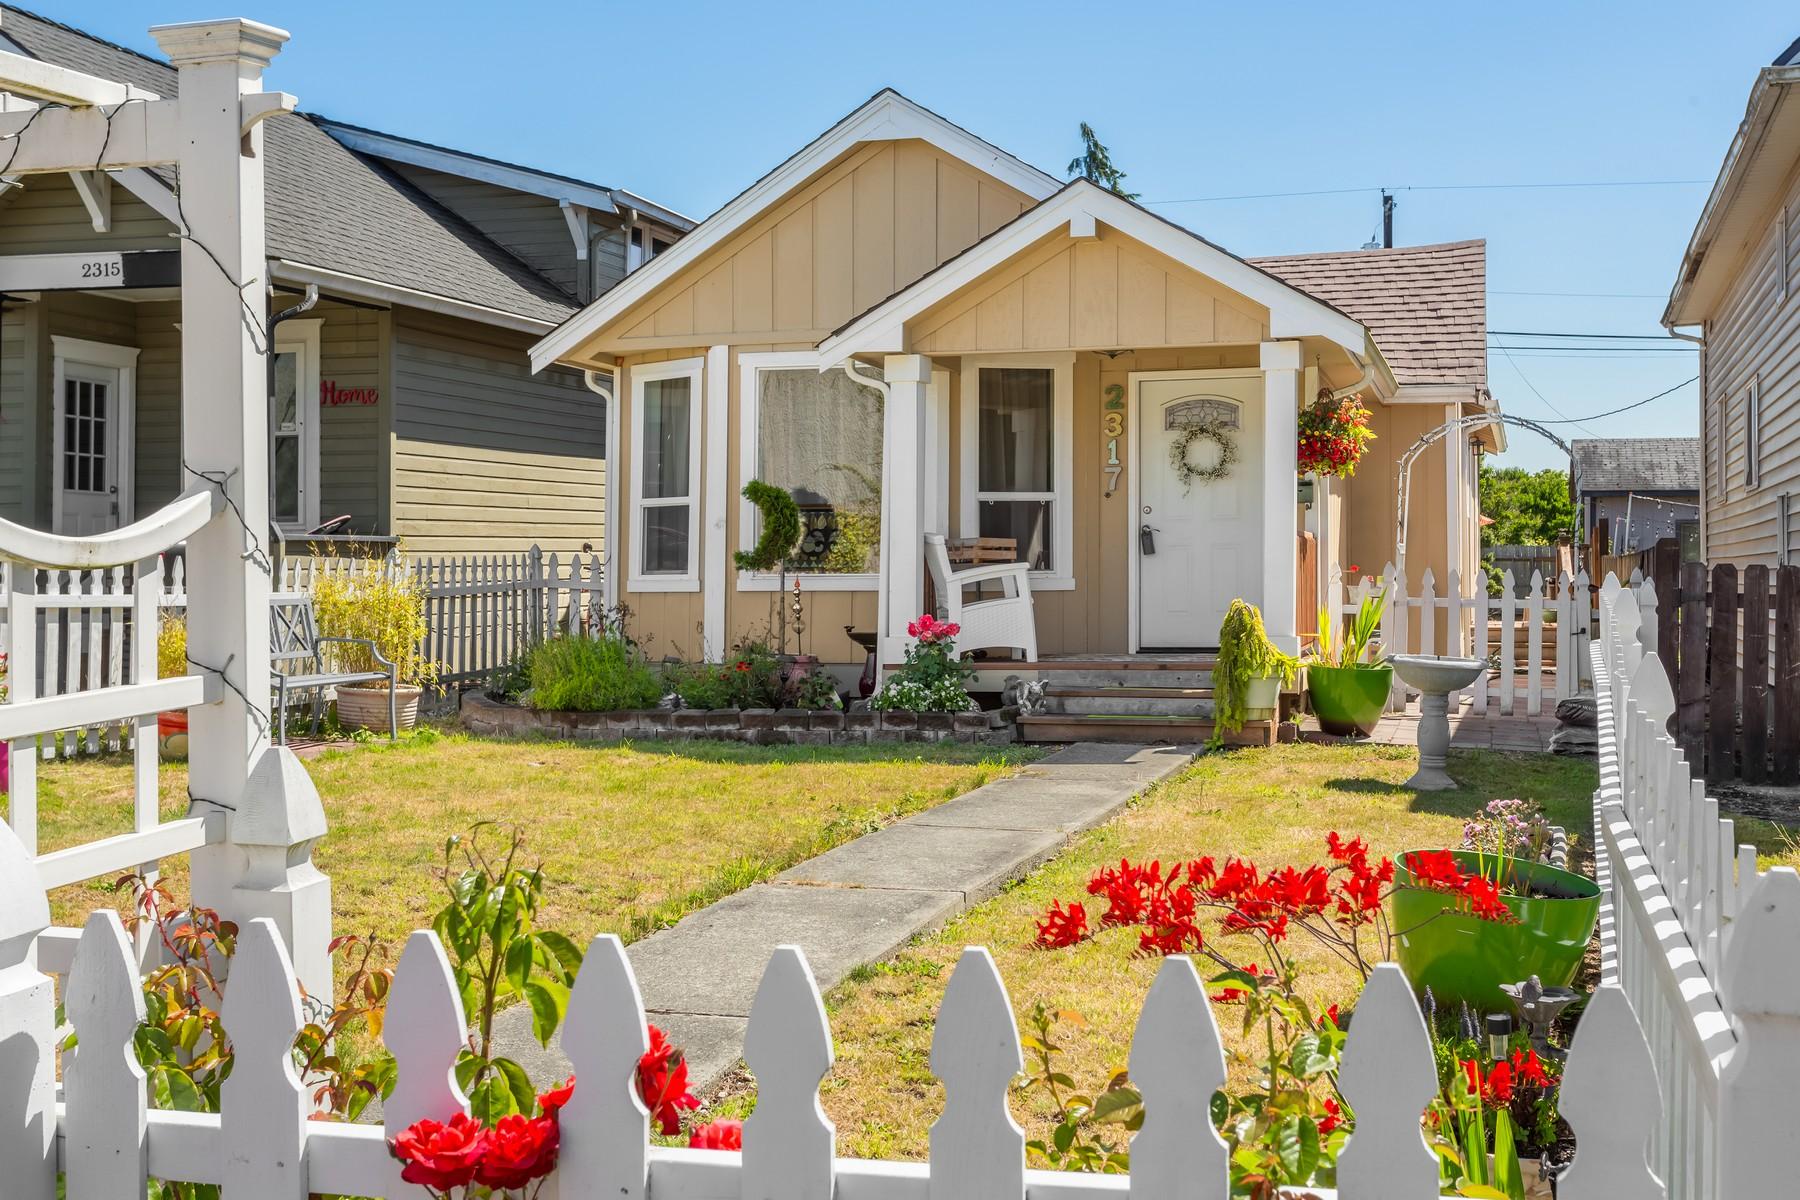 Maison unifamiliale pour l Vente à Historic Everett Home 2317 Harrison Ave Everett, Washington, 98201 États-Unis